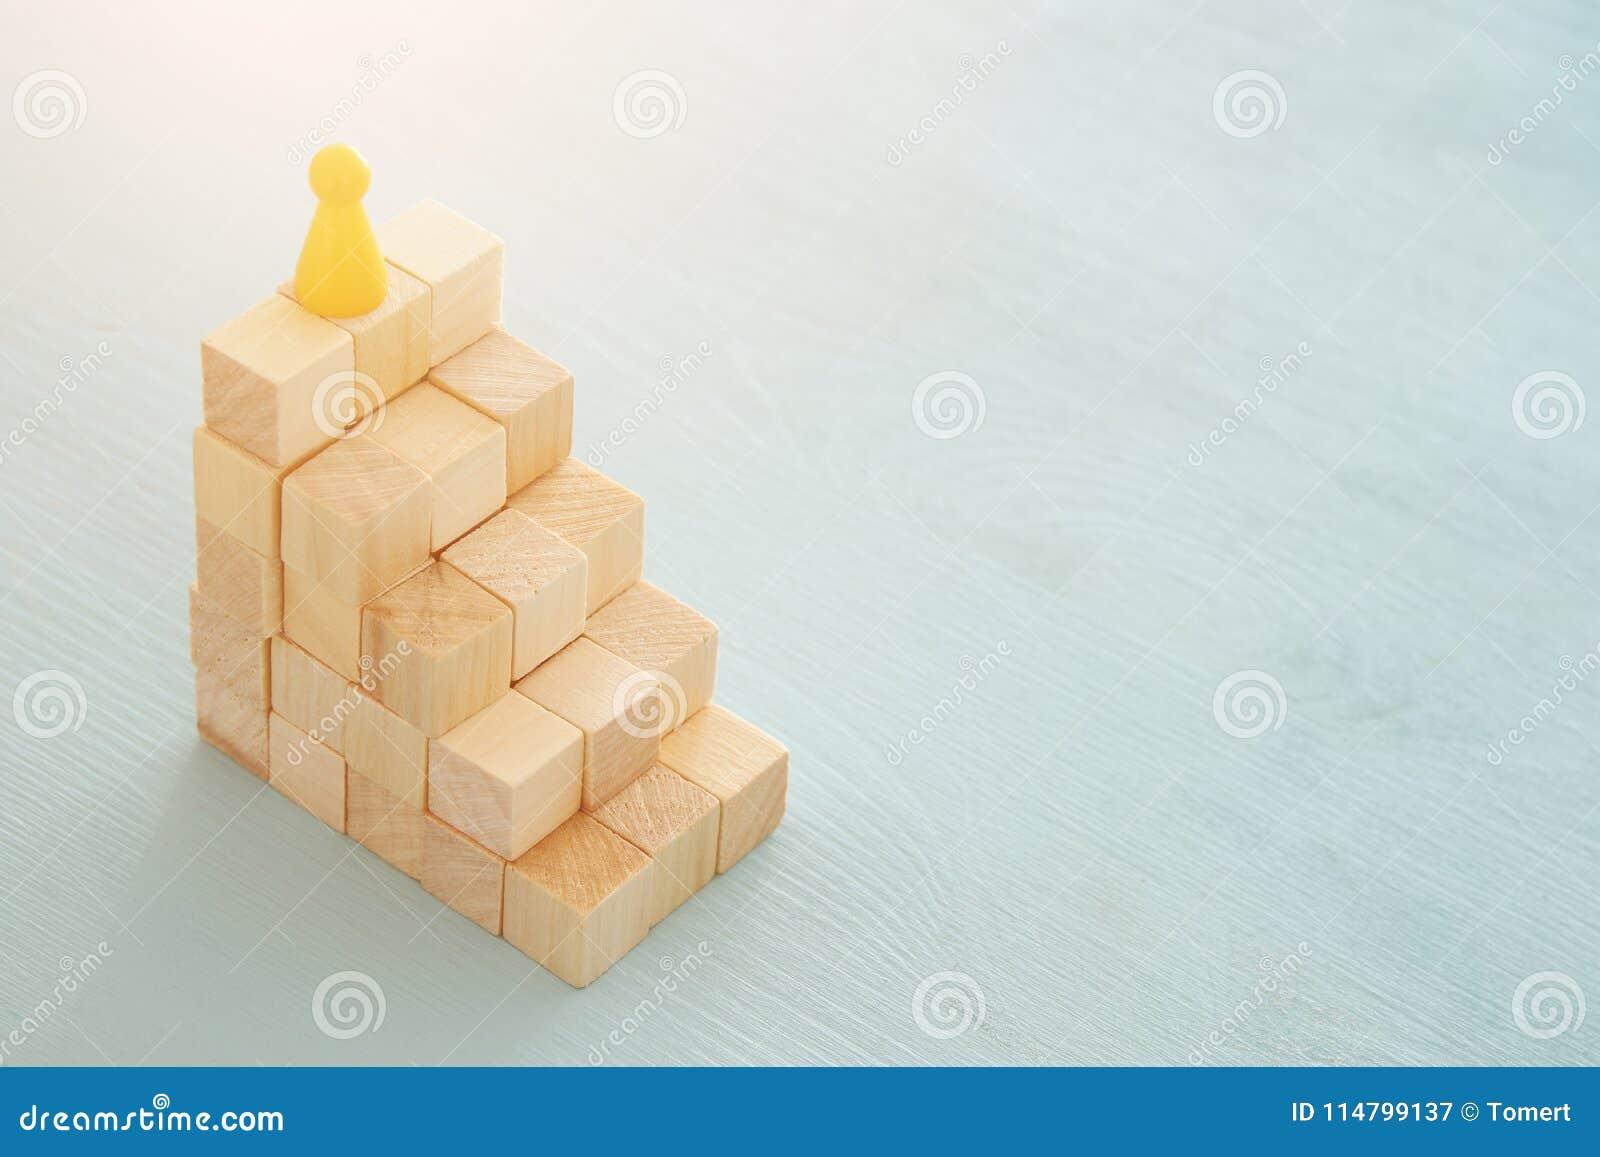 Begreppsbild av träsnitt som staplar som diagram eller stege begrepp för tillväxt och framgång